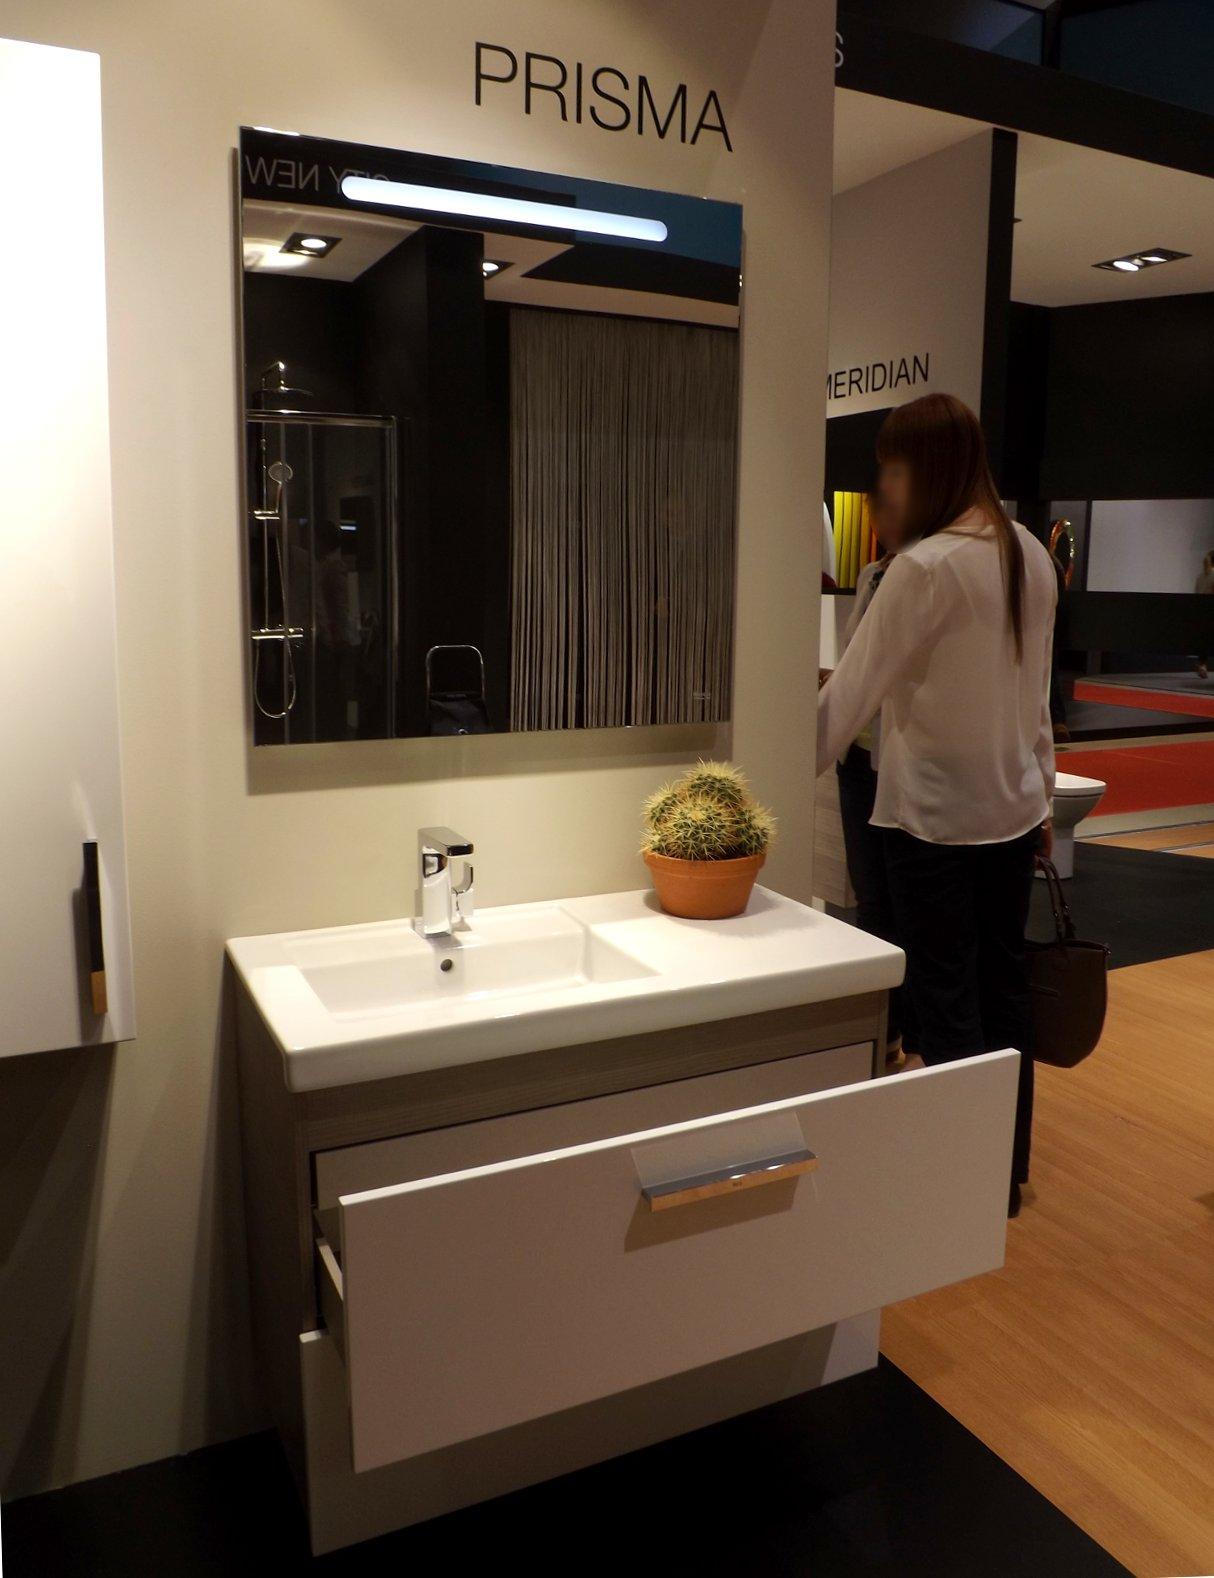 Модные тренды сантехники и аксессуаров для ванной 2016: умывальник с зеркалом и тумбой на экспозиции от Roca во время выставки MosBuild